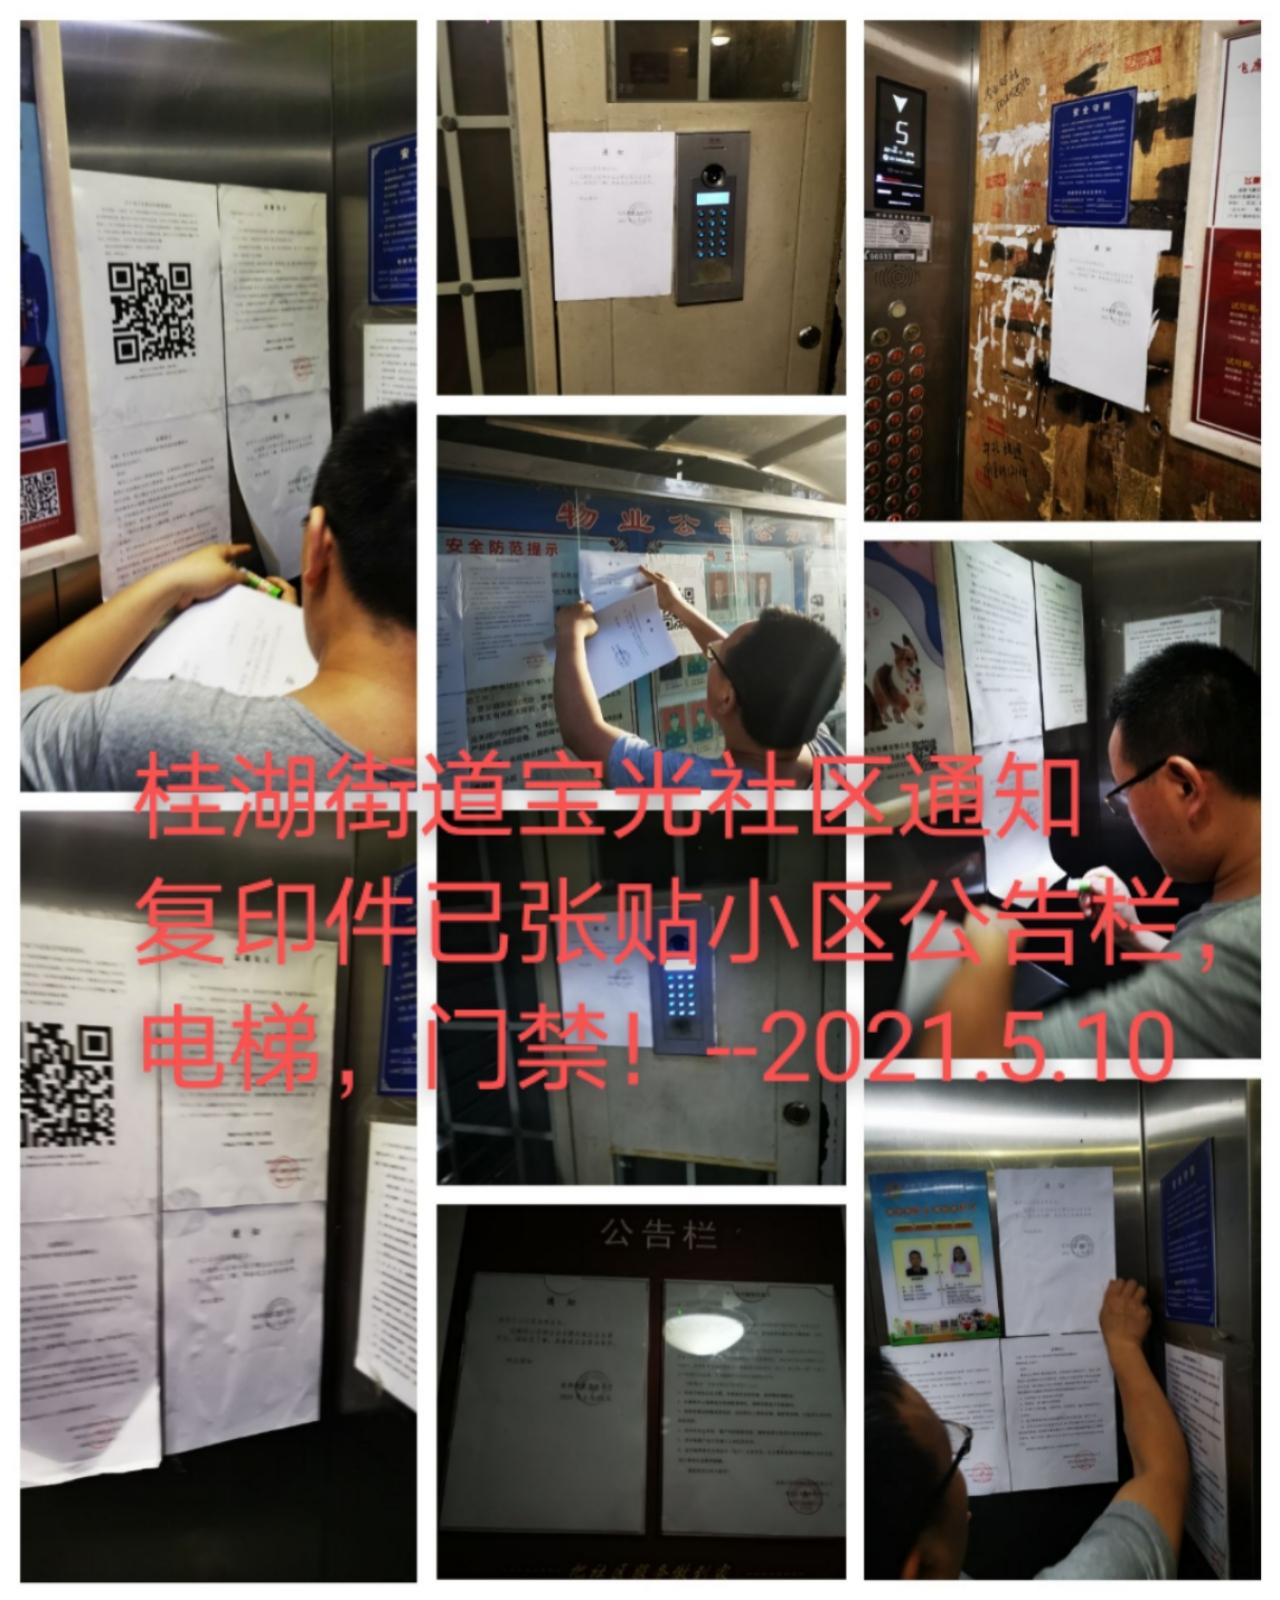 【业委会】2021.5.10桂湖街道宝光社区出《通知》告全体城市之心业主 新都区业主委员会-第3张